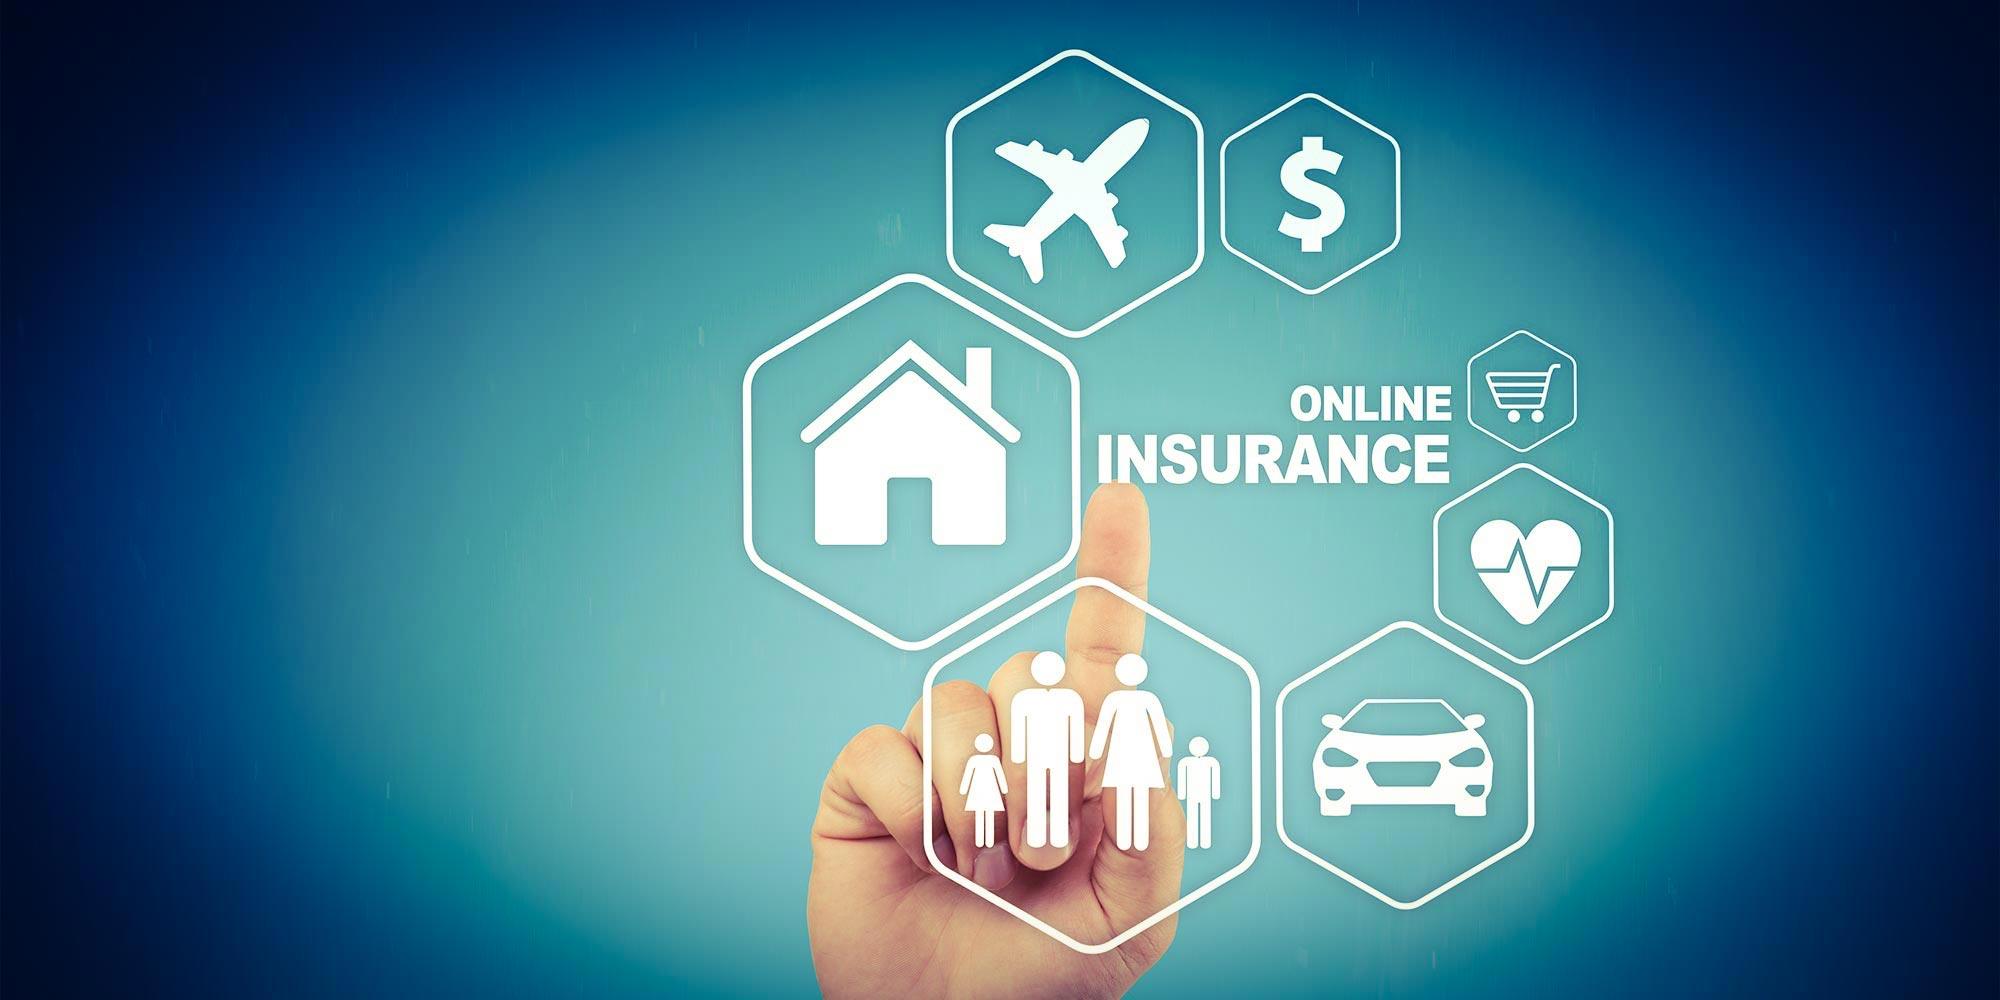 Funktionierendes Banken-Ökosystem mit Versicherungsprodukten